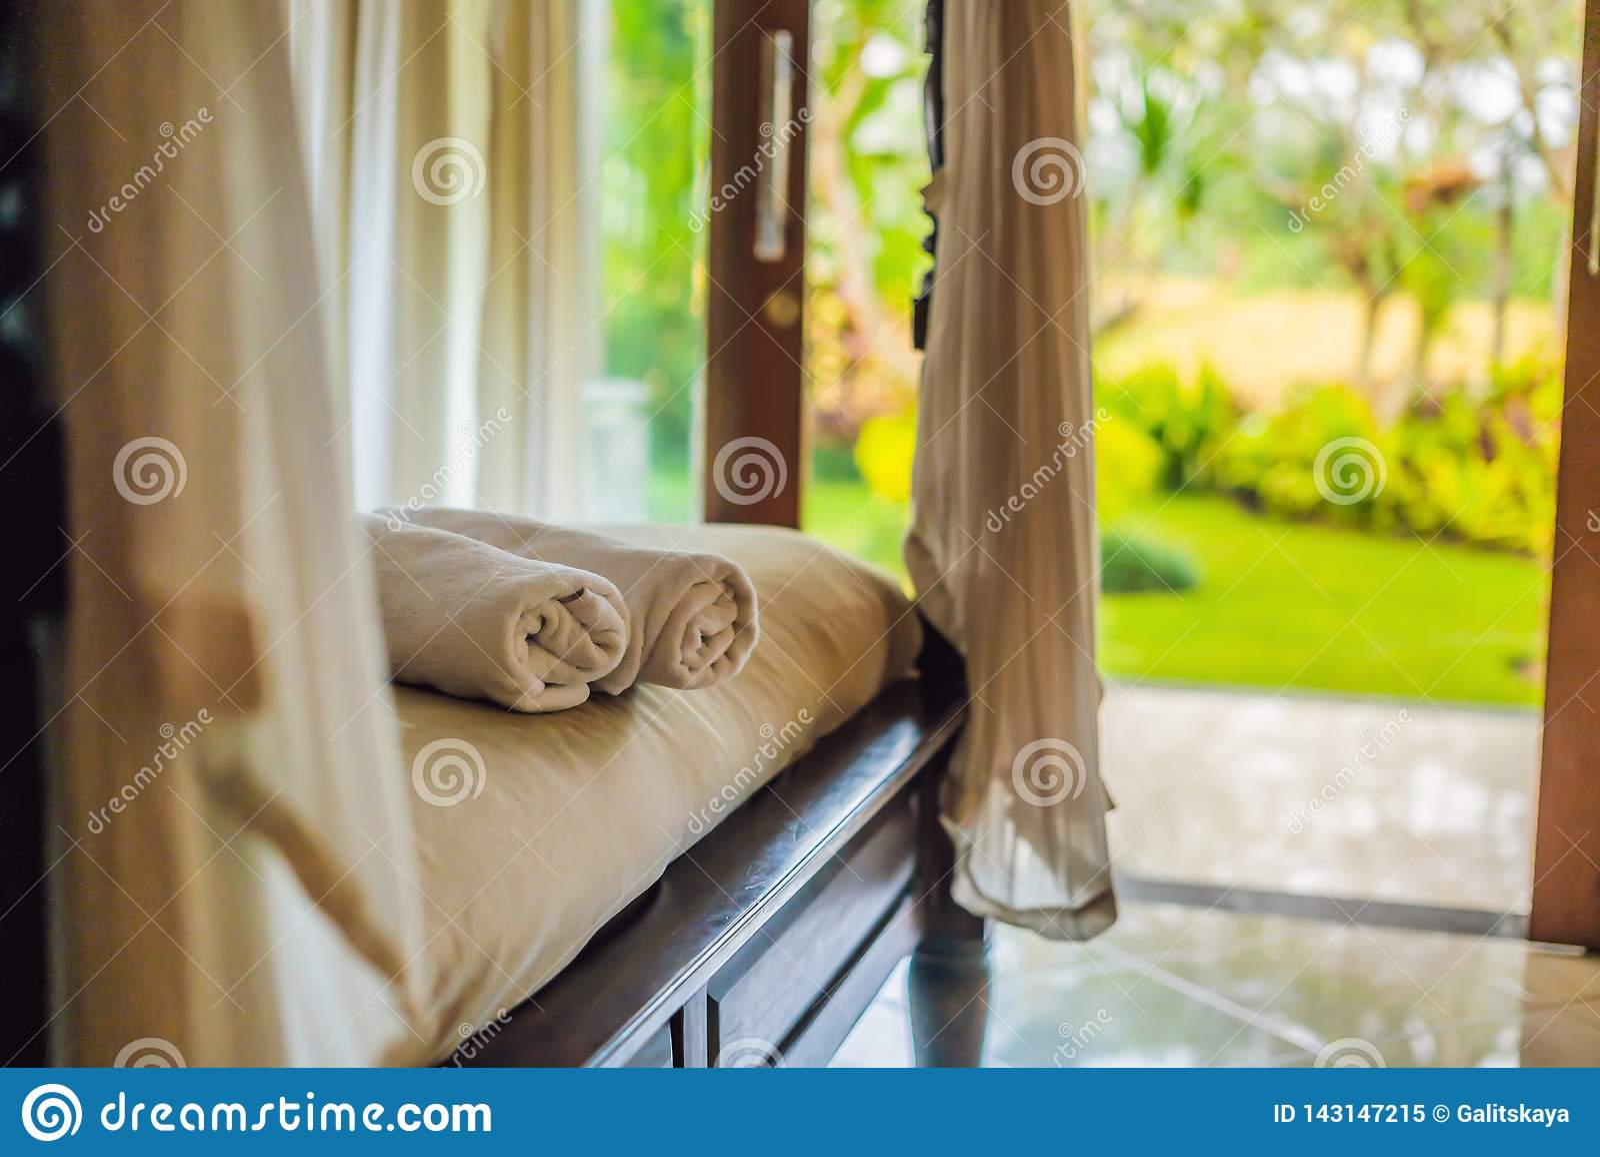 Schöner Raum im Landhaus, Tuch auf dem Bett